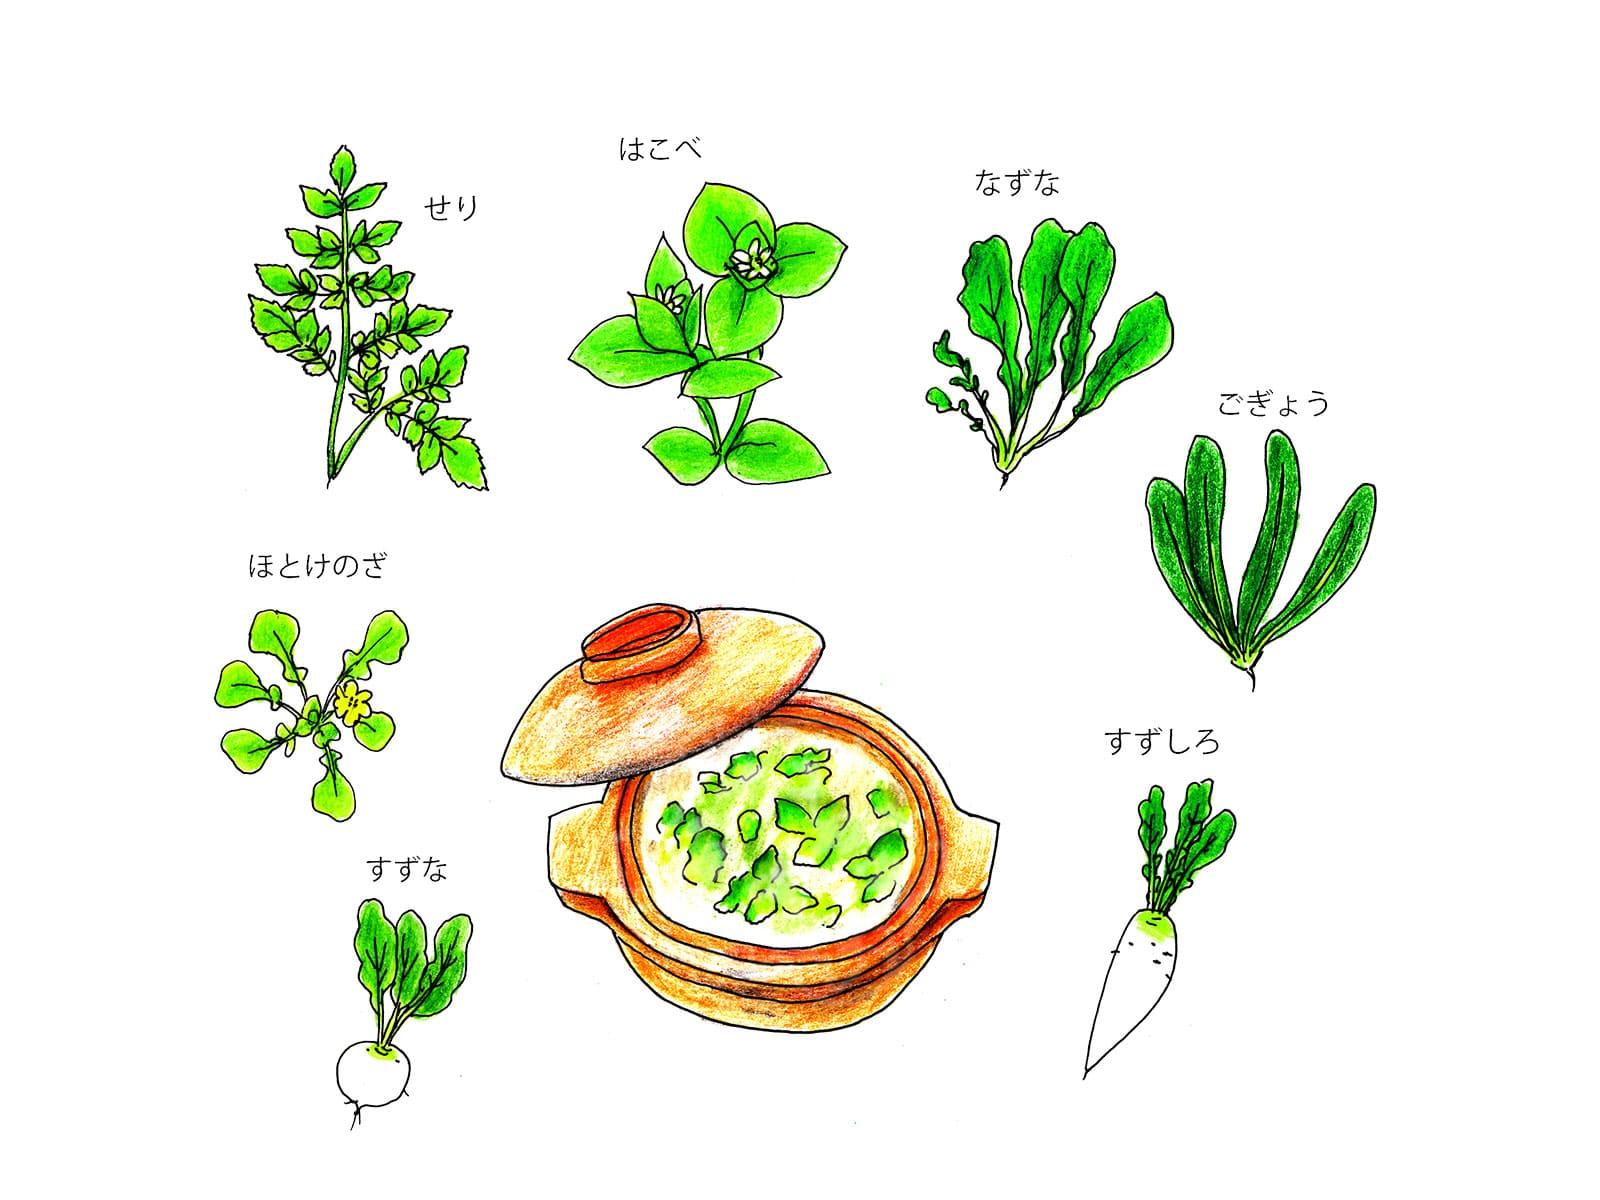 食べる 七草粥 いつ